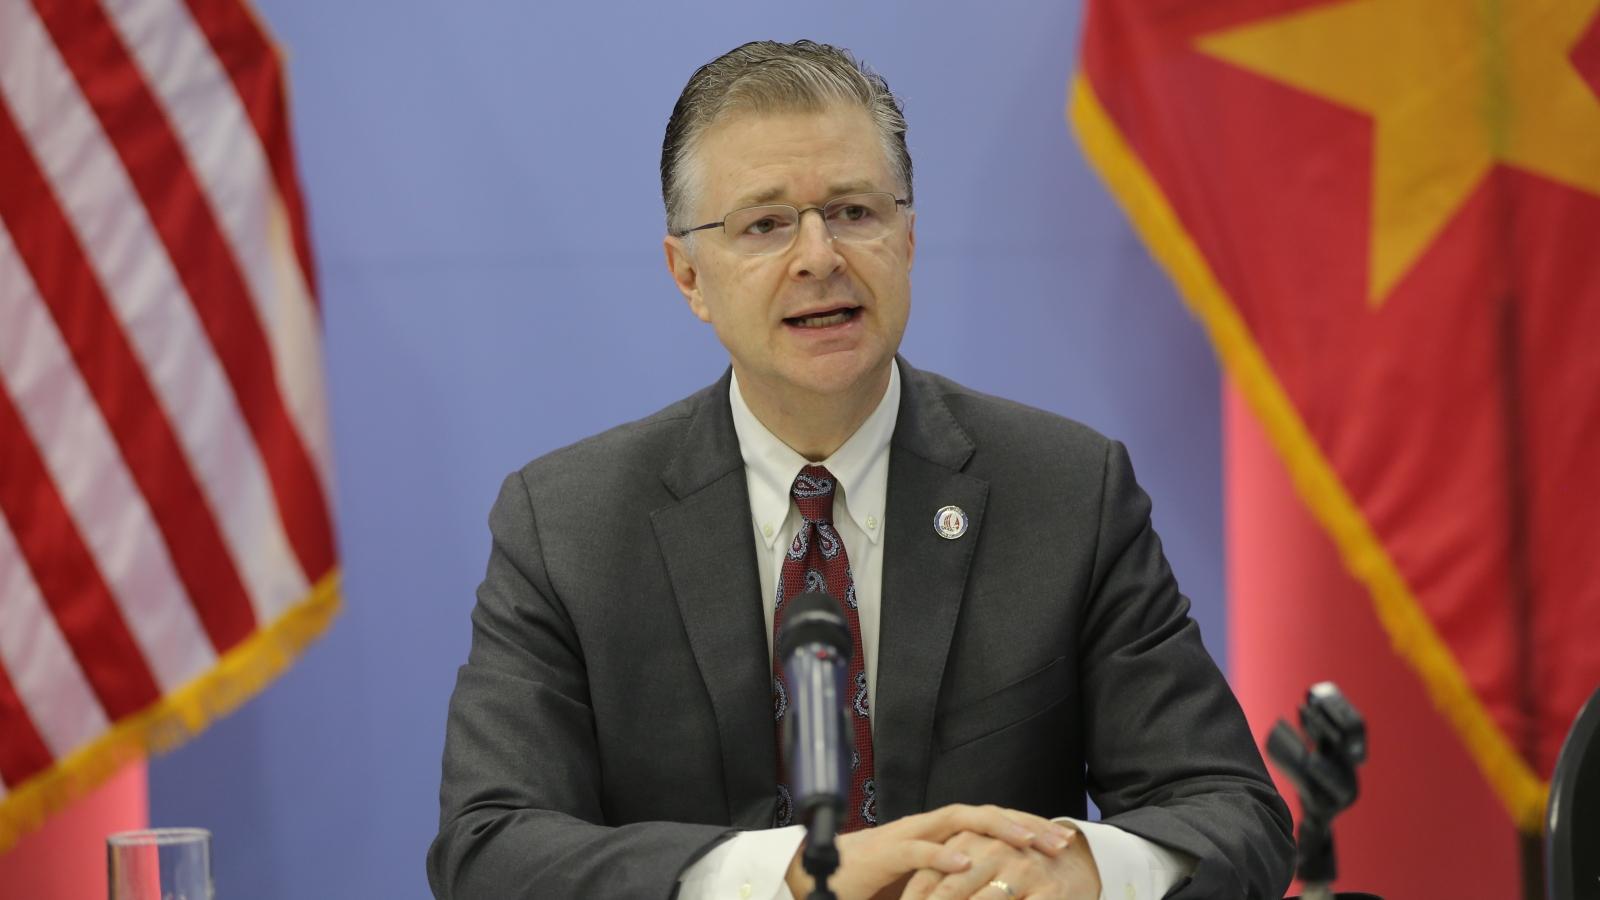 """Đại sứ Mỹ: Các nhà lãnh đạo Việt Nam có """"chiến lược, năng lực và thực tế"""""""